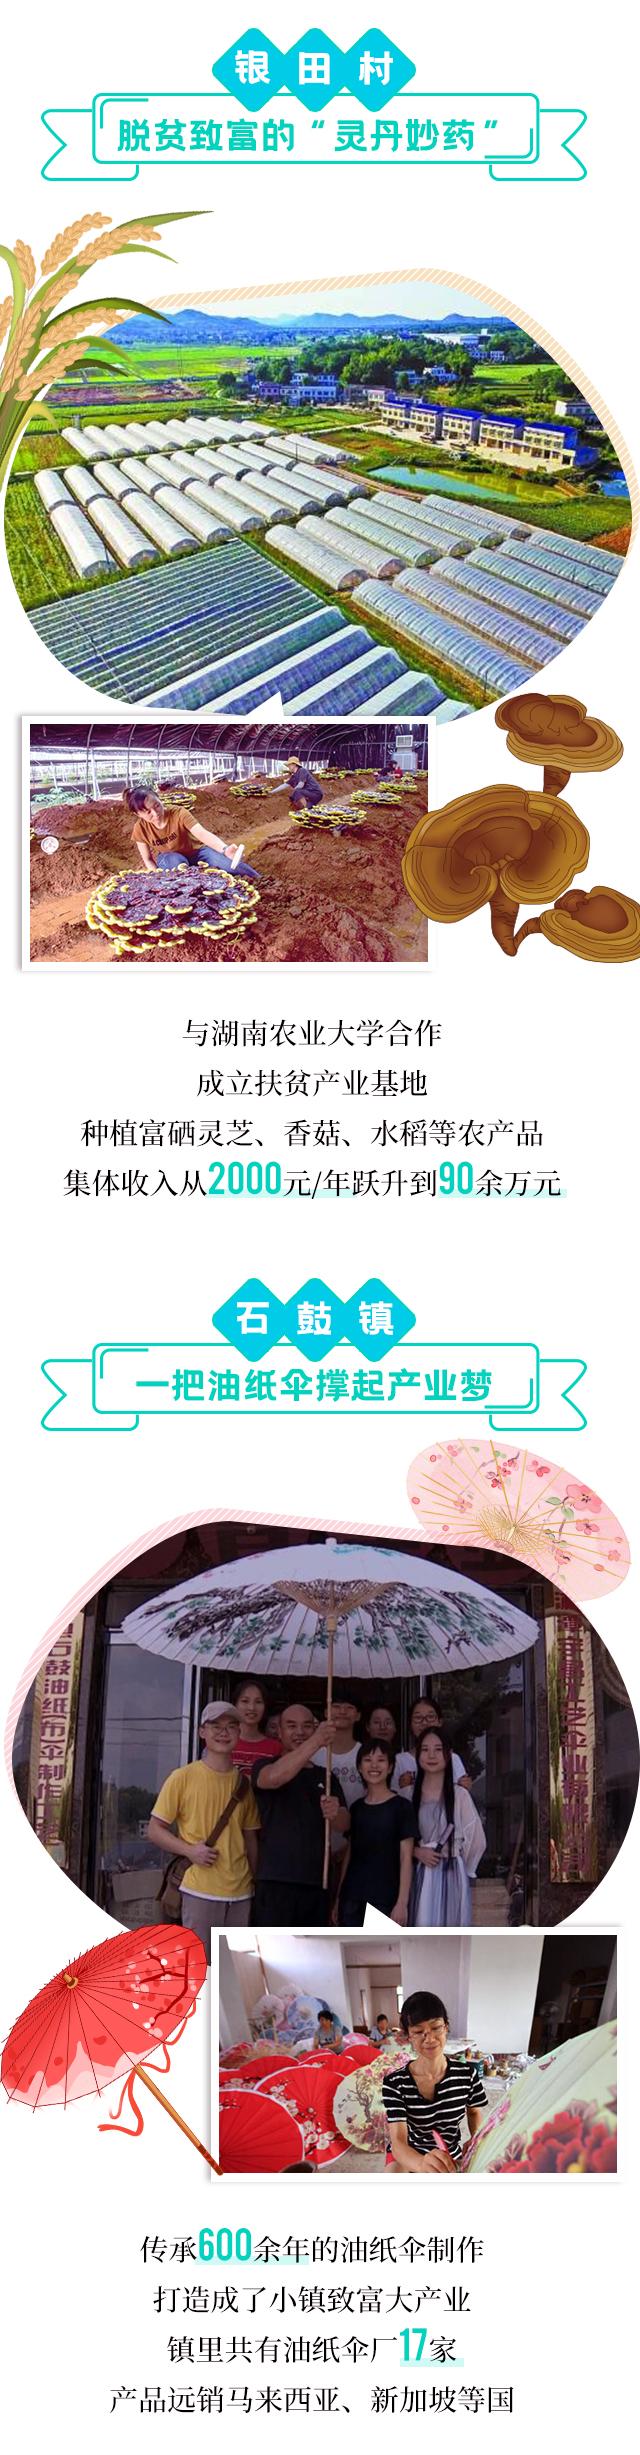 湘潭长图第二部分_02.jpg